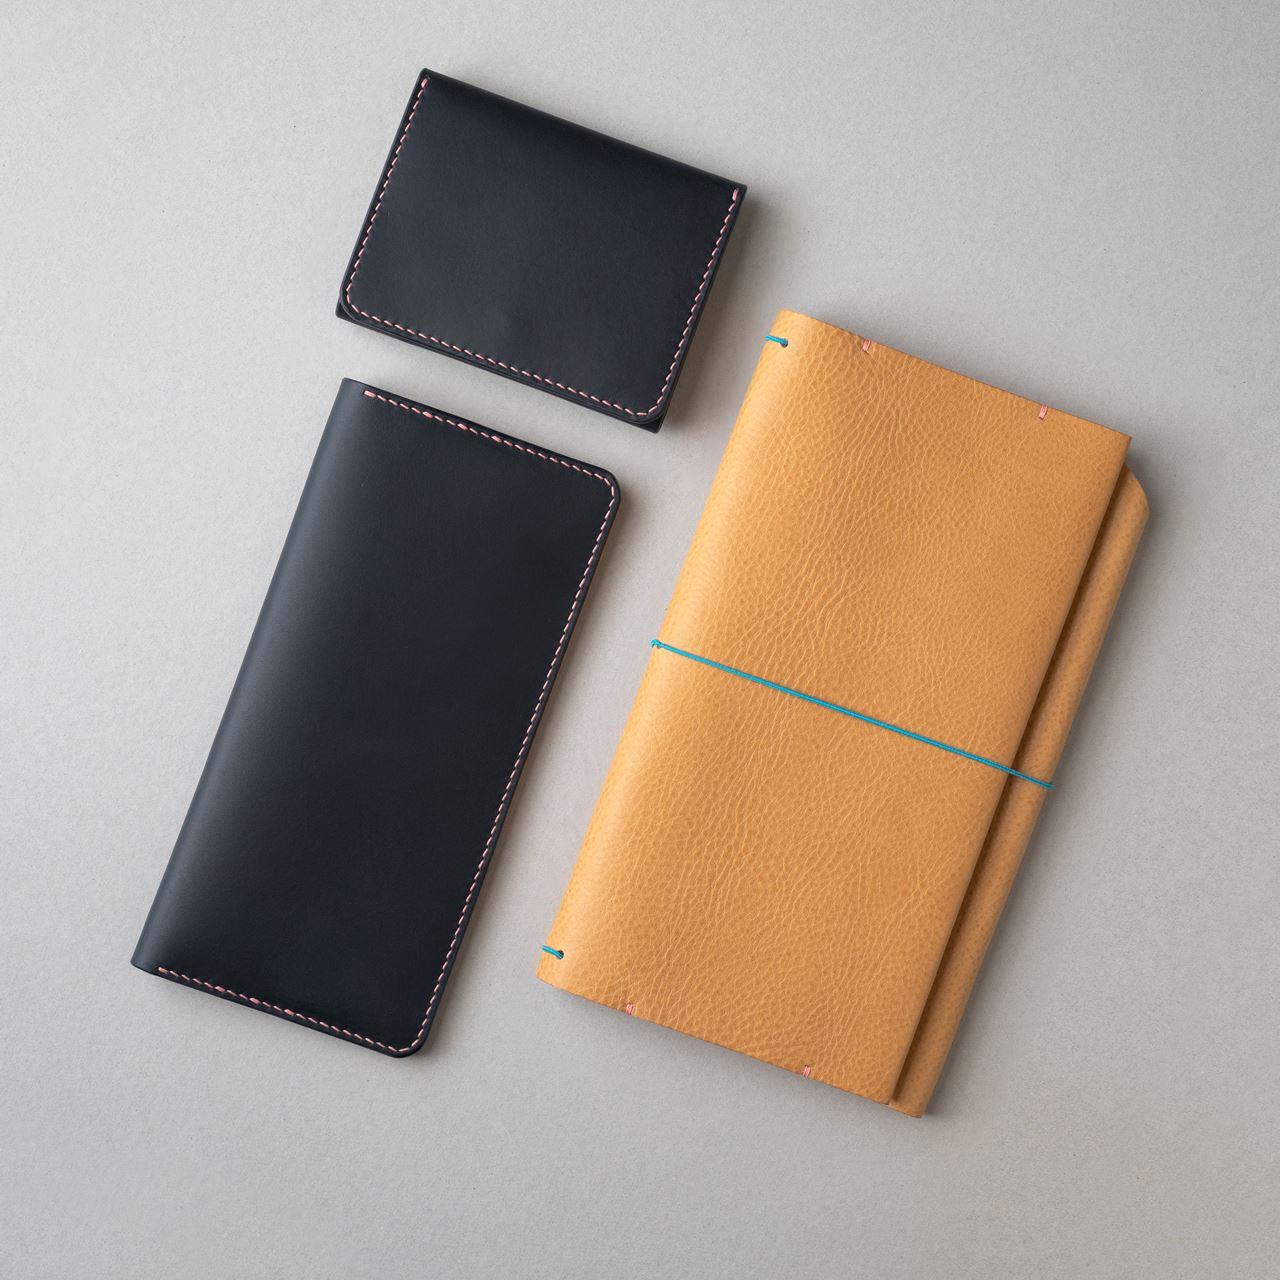 コインケース特注品と長財布1型とトラベラーズノートカバーが完成しました